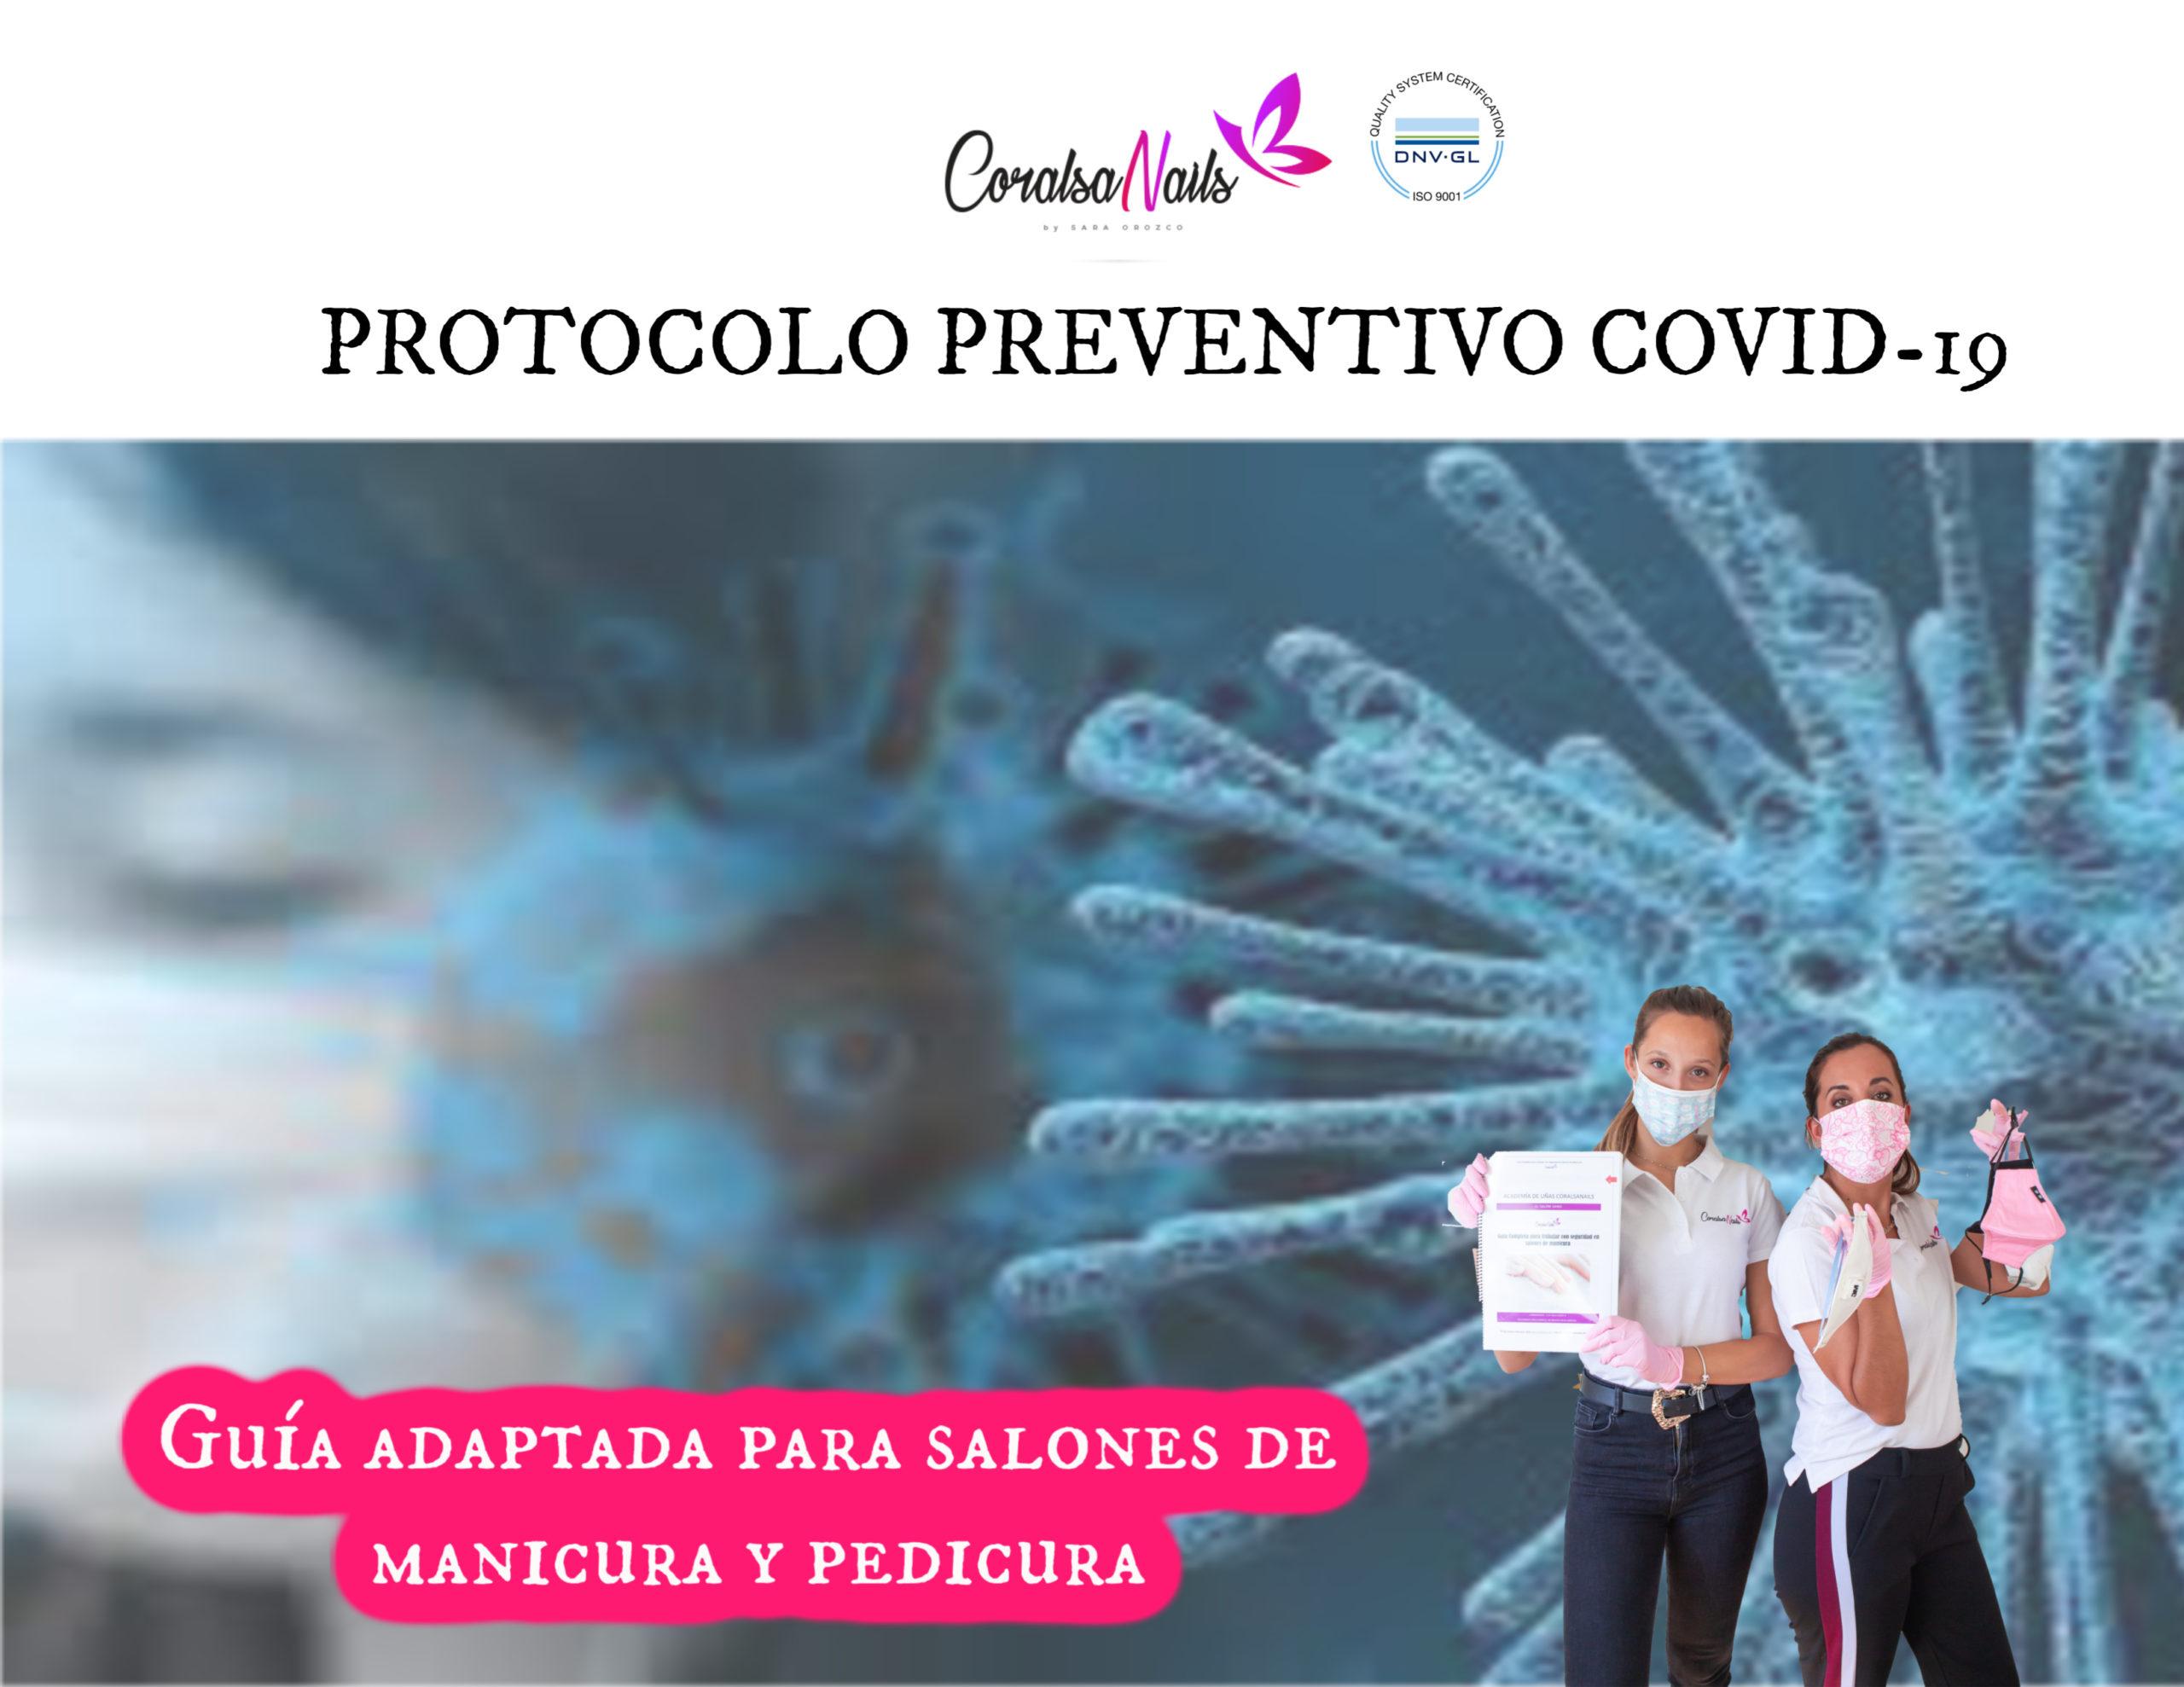 Guía Protocolo Preventivo Covid-19 Adaptado para salones de Manicura